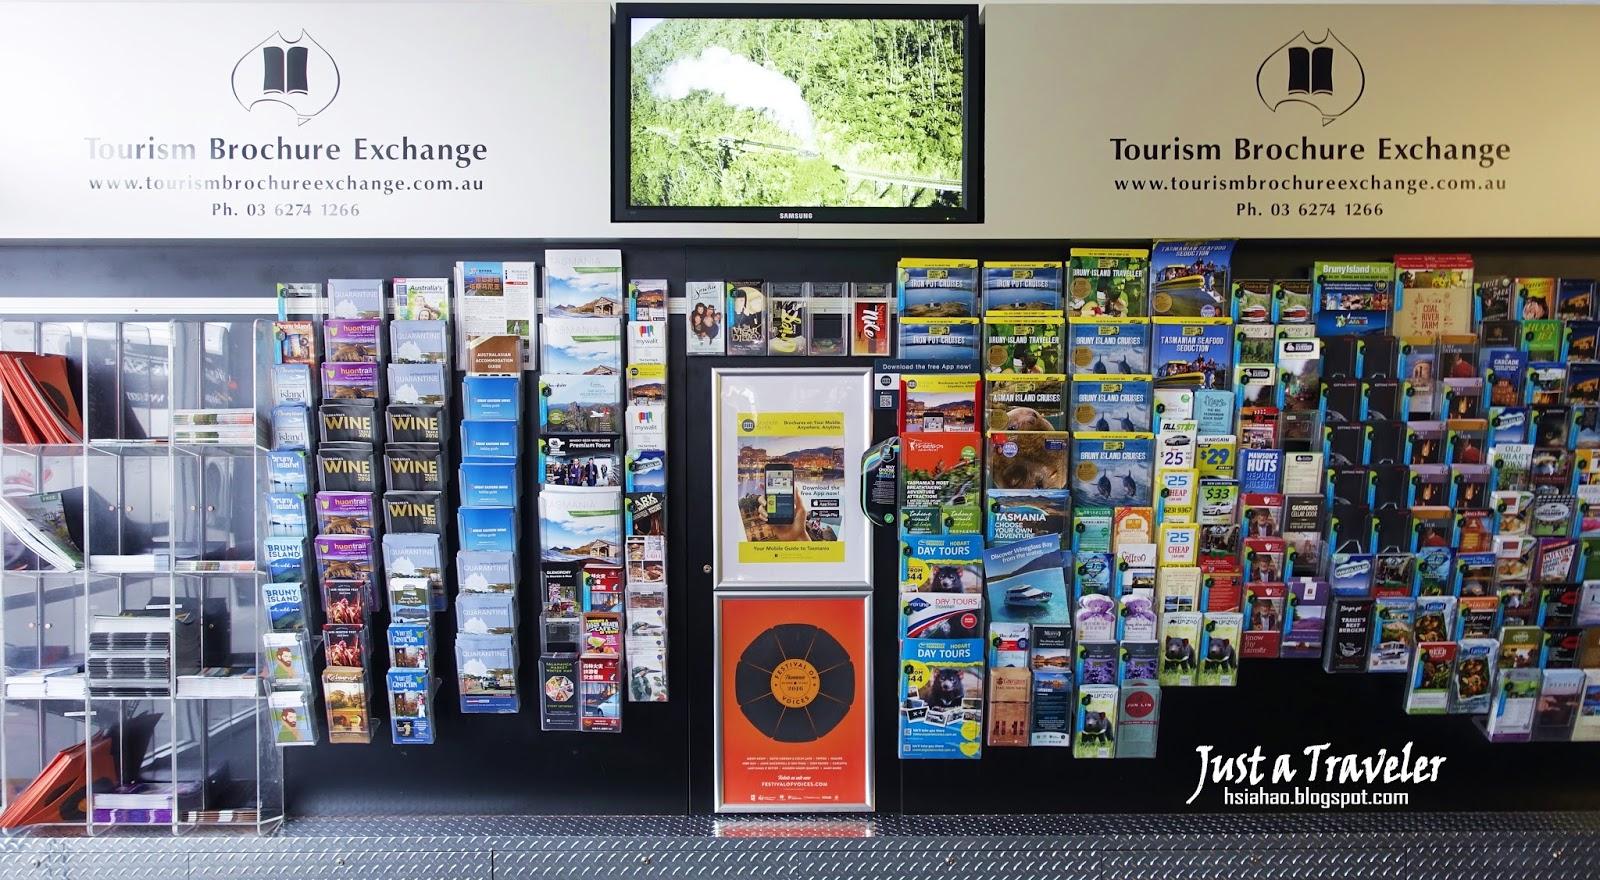 澳洲-廉航-廉價航空-荷伯特機場-Hobart-airport-布里斯本機場-塔斯馬尼亞-荷伯特機場-捷星-維珍-機票-訂票-Australia-Budget-Airline-Brisbane-Tasmania-Airport-Jetstar-Virgin